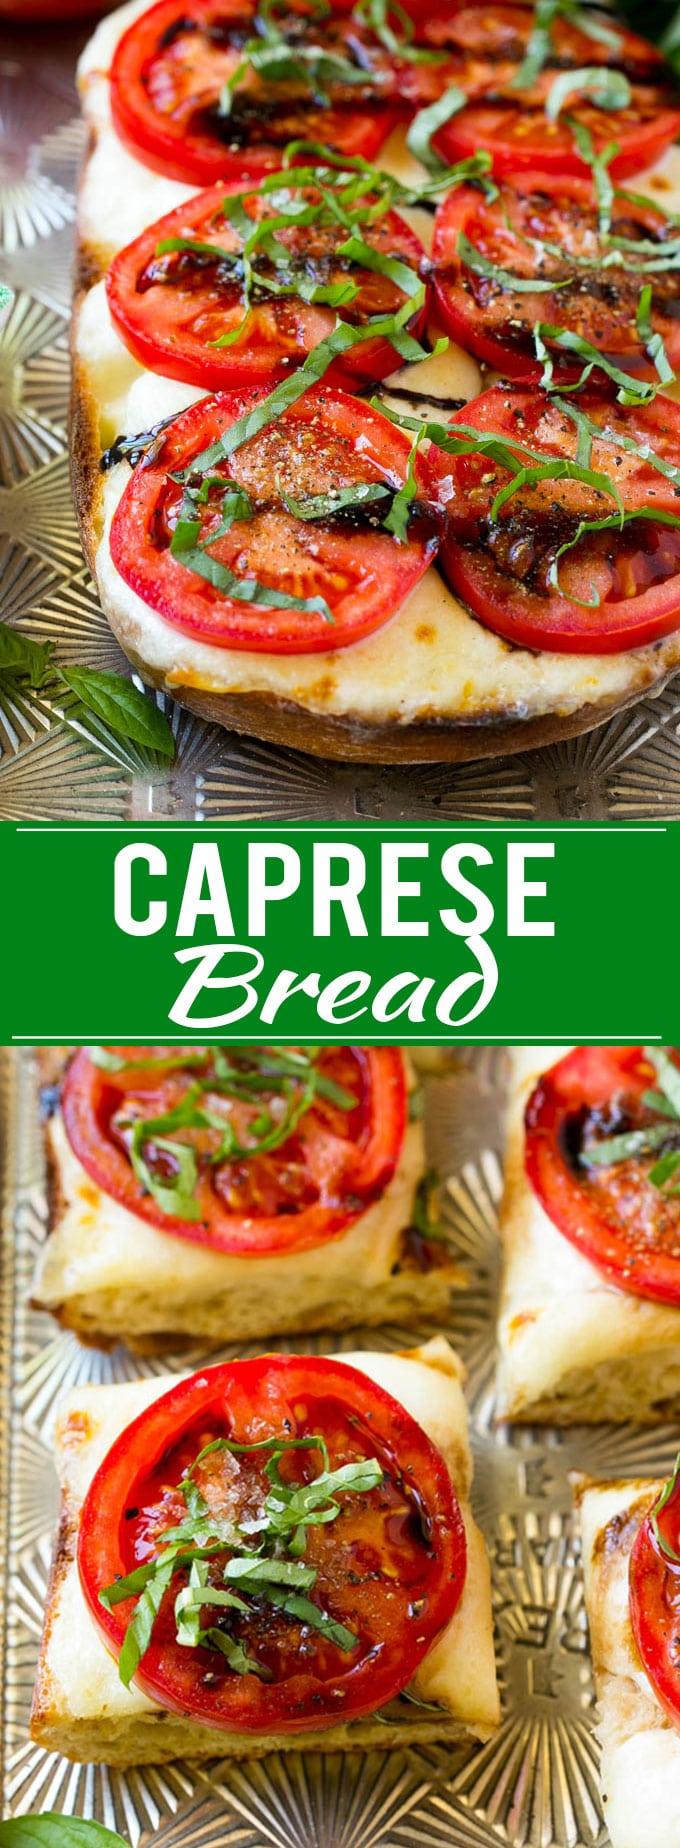 Caprese Bread Recipe | Tomato Bread | Cheese Bread #caprese #capresebread #tomatobread #cheesebread #appetizer #dinneratthezoo